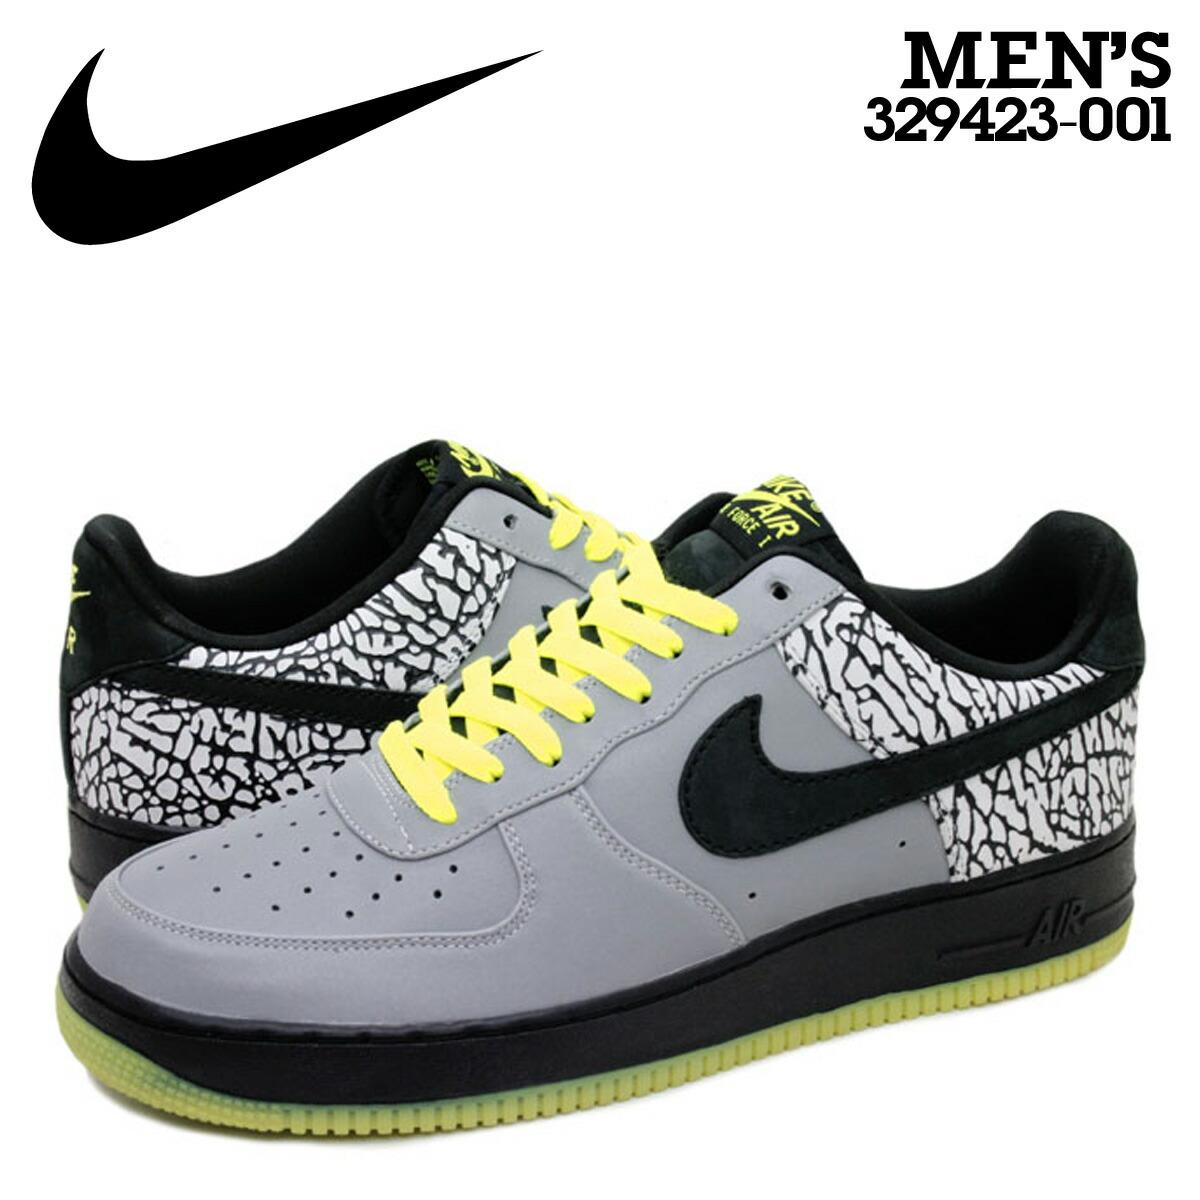 Nike NIKE air force sneakers AIR FORCE 1 LOW PREMIUM 112PACK DJ CLARK KENT Air Force One low premium 329,423 001 gray men